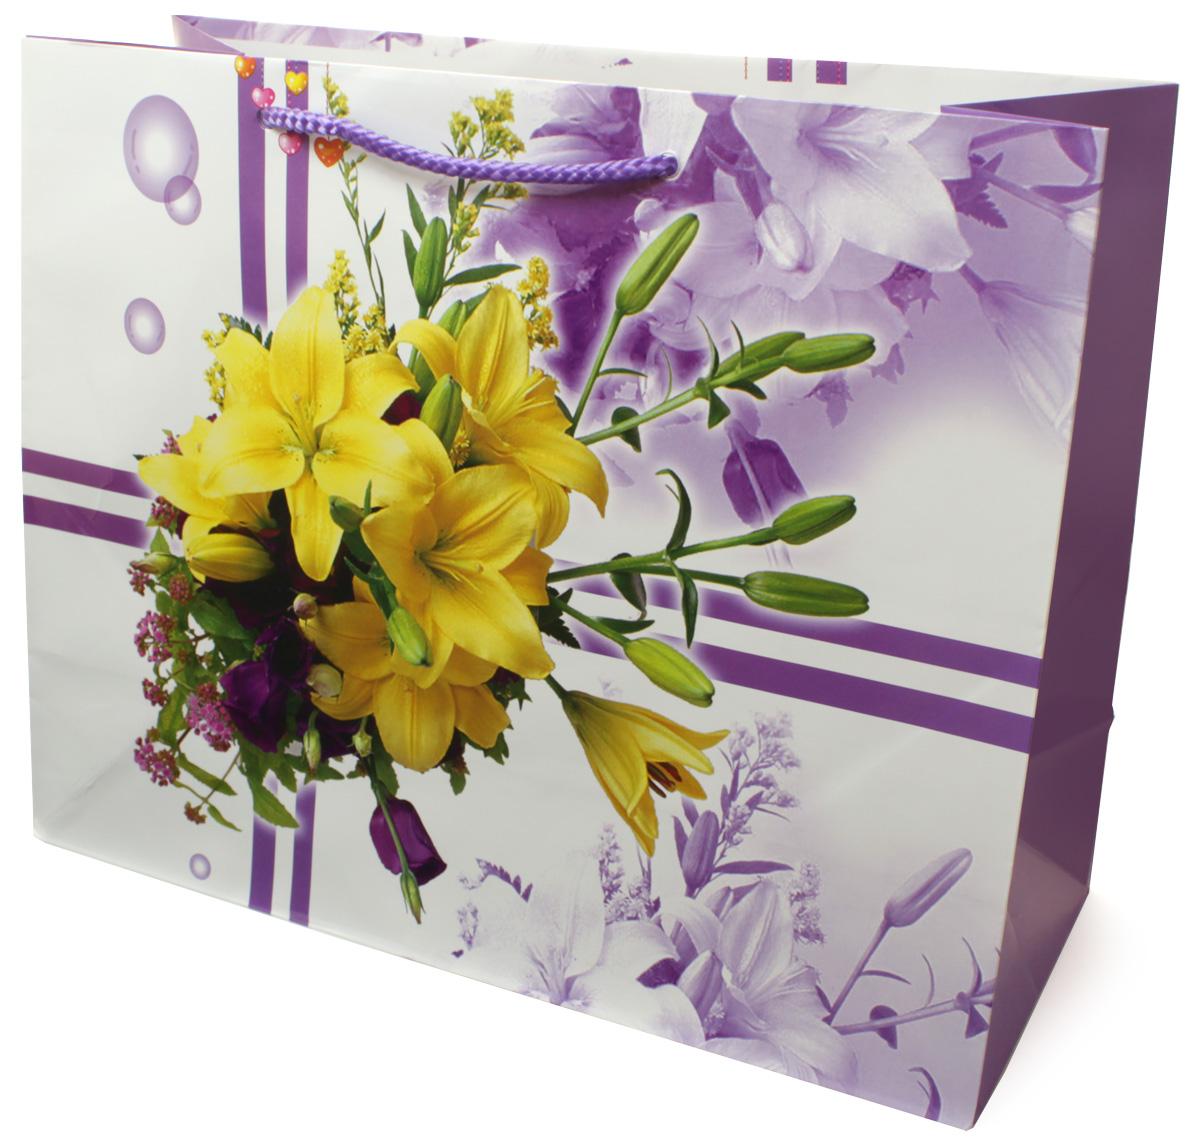 Пакет подарочный МегаМАГ Цветы, 32,7 х 26,4 х 13,6 см. 813 LH09840-20.000.00Подарочный пакет МегаМАГ, изготовленный из плотной ламинированной бумаги, станет незаменимым дополнением к выбранному подарку. Для удобной переноски на пакете имеются ручки-шнурки.Подарок, преподнесенный в оригинальной упаковке, всегда будет самым эффектным и запоминающимся. Окружите близких людей вниманием и заботой, вручив презент в нарядном, праздничном оформлении.